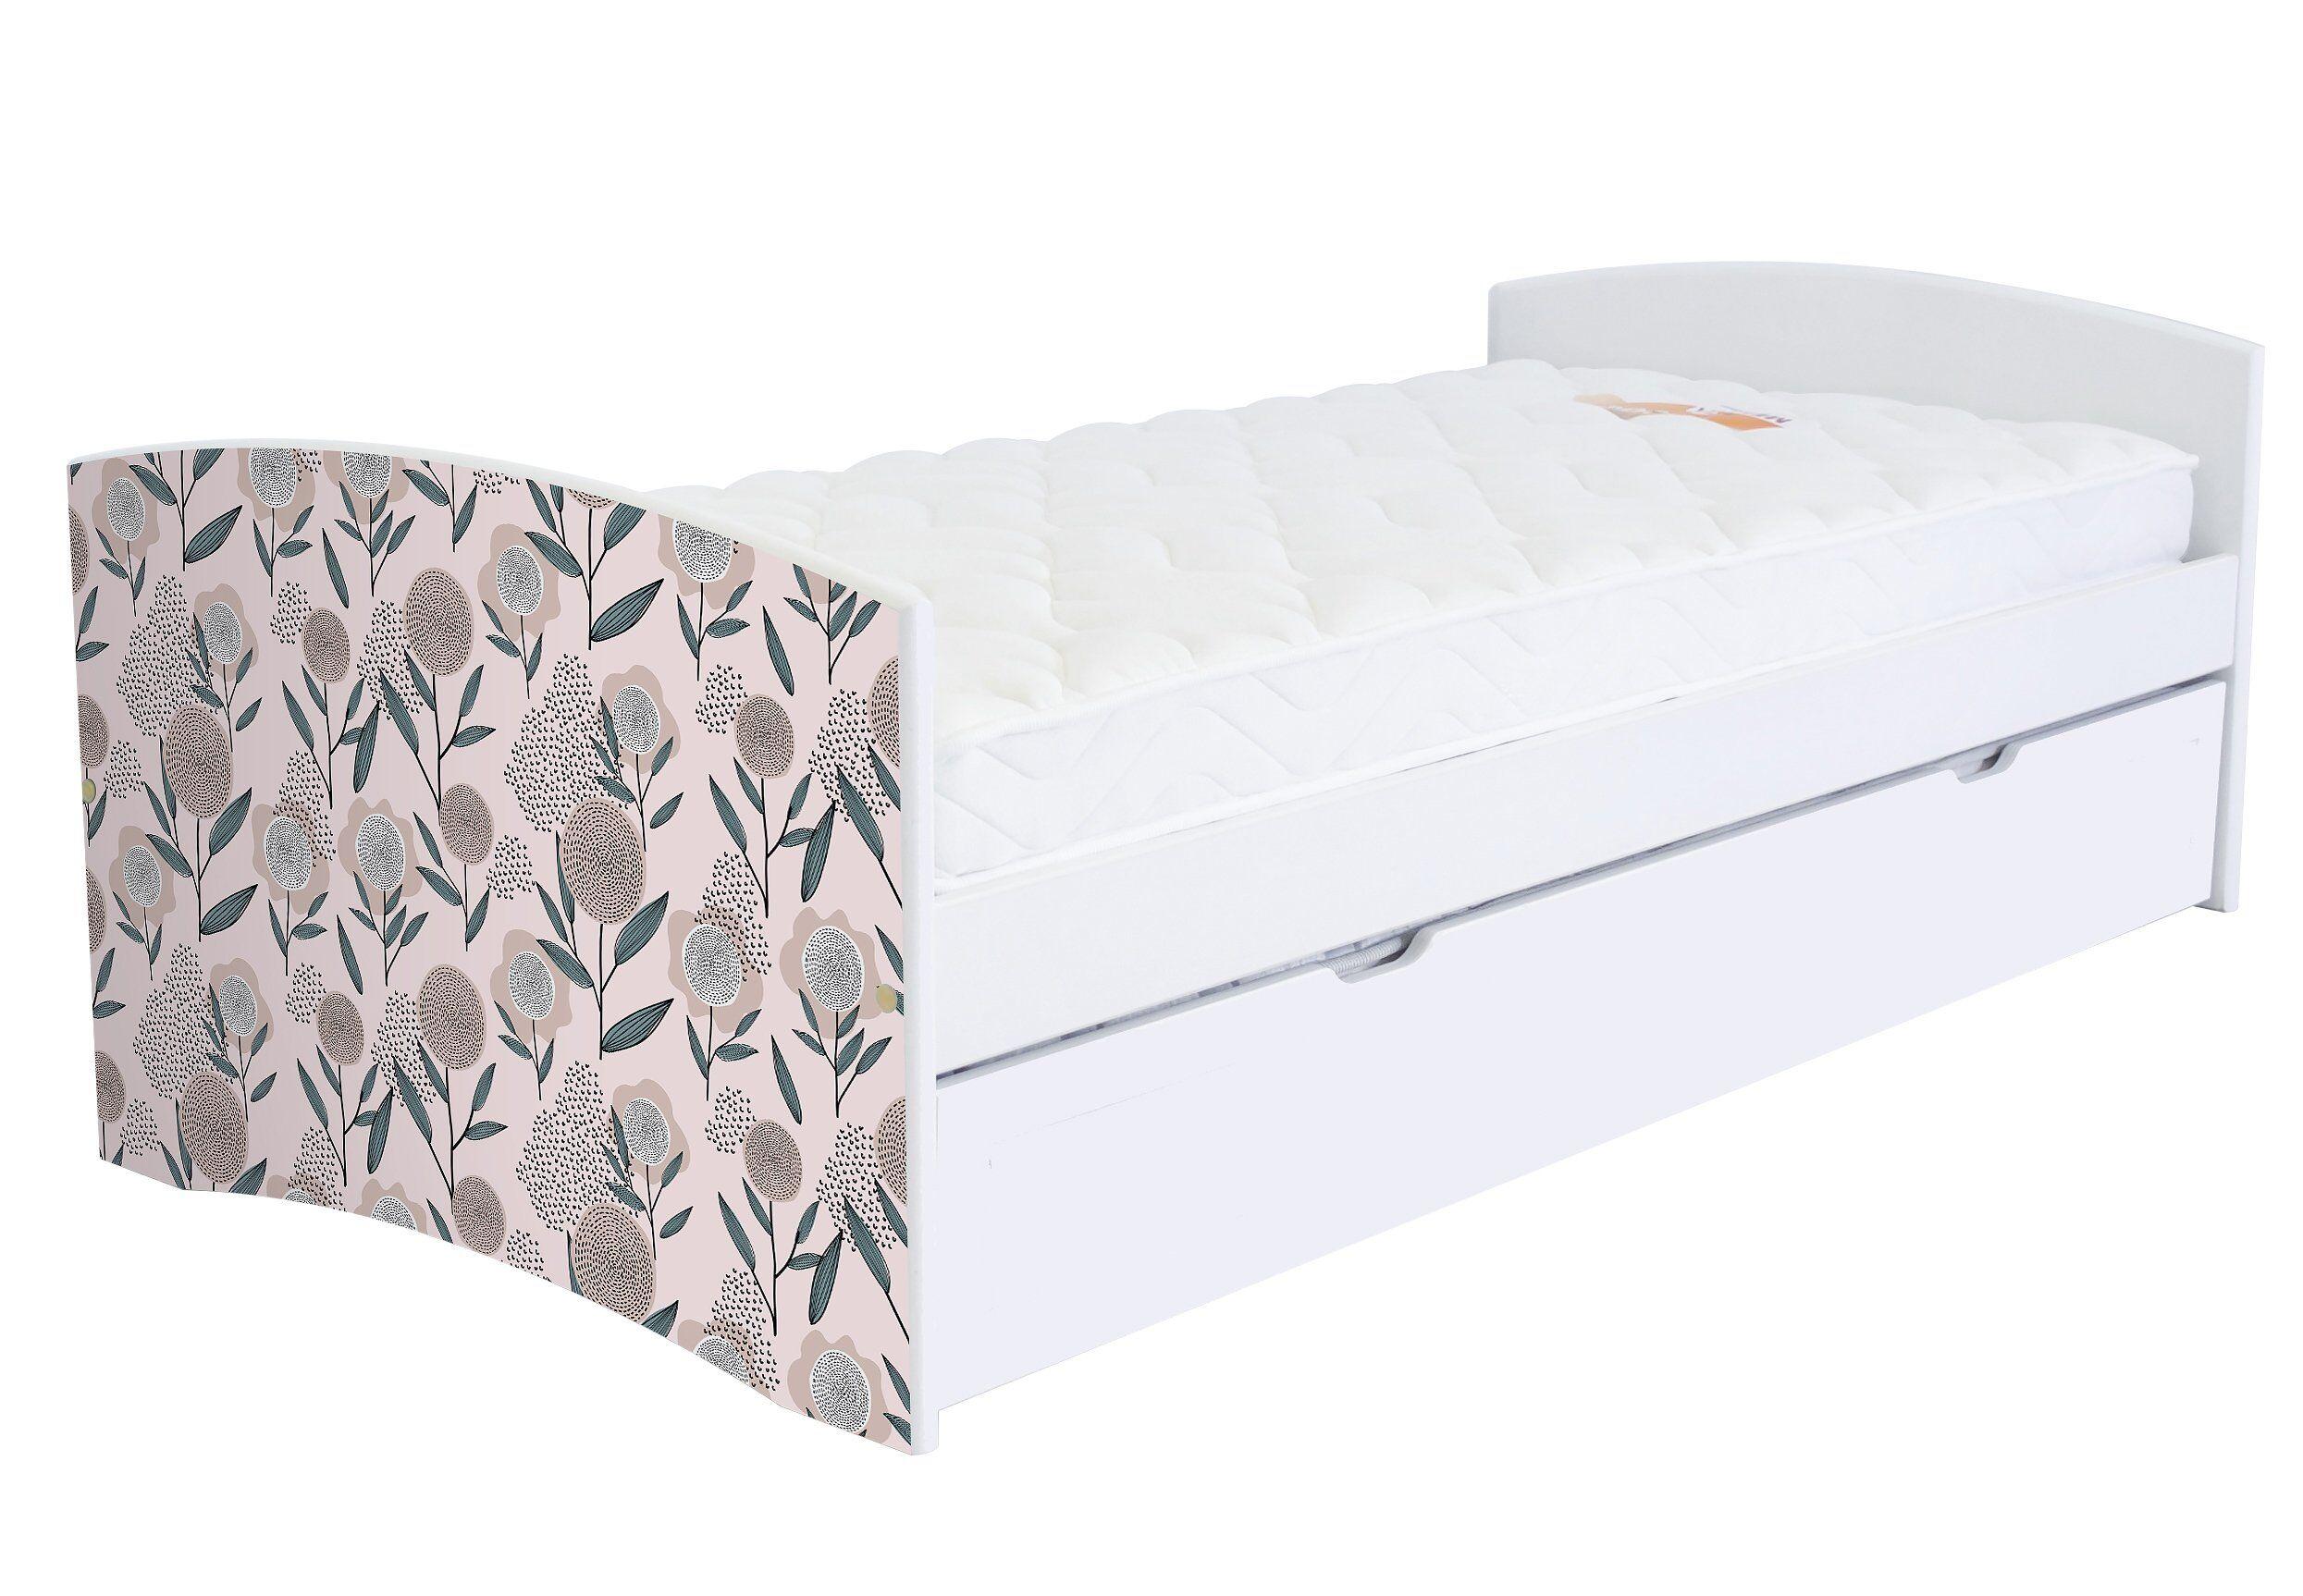 ABC MEUBLES Banquette lit gigogne Happy 90x190 cm bois et décor - 90x190 - Vernis naturel/Décor Fleurs roses